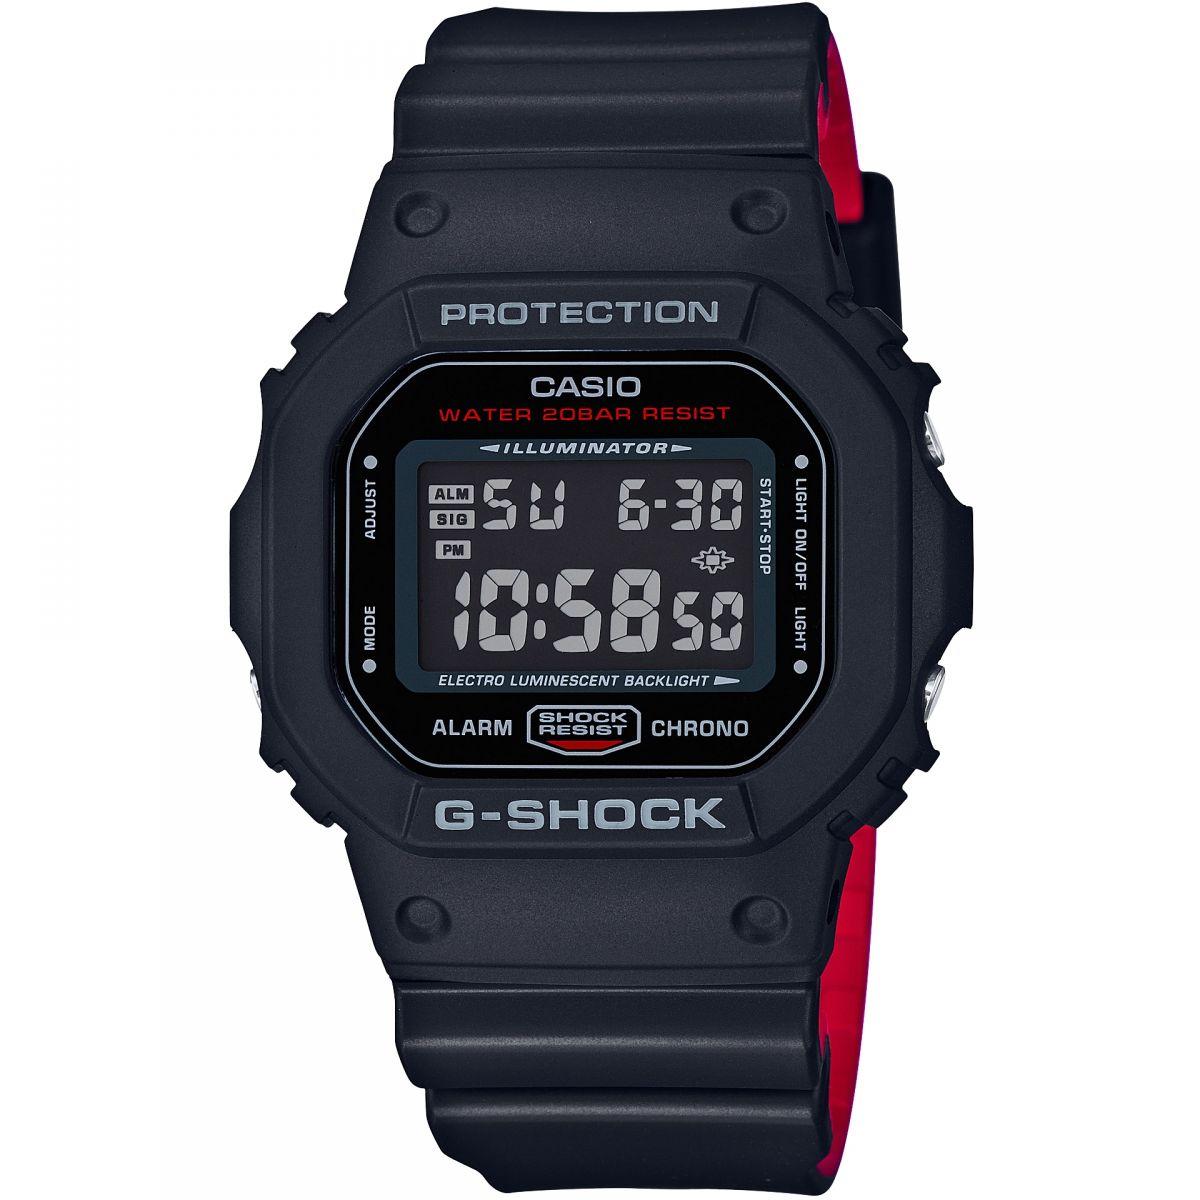 Zegarek Casio G-Shock Gorillaz DW-5600HRGRZ-1ER